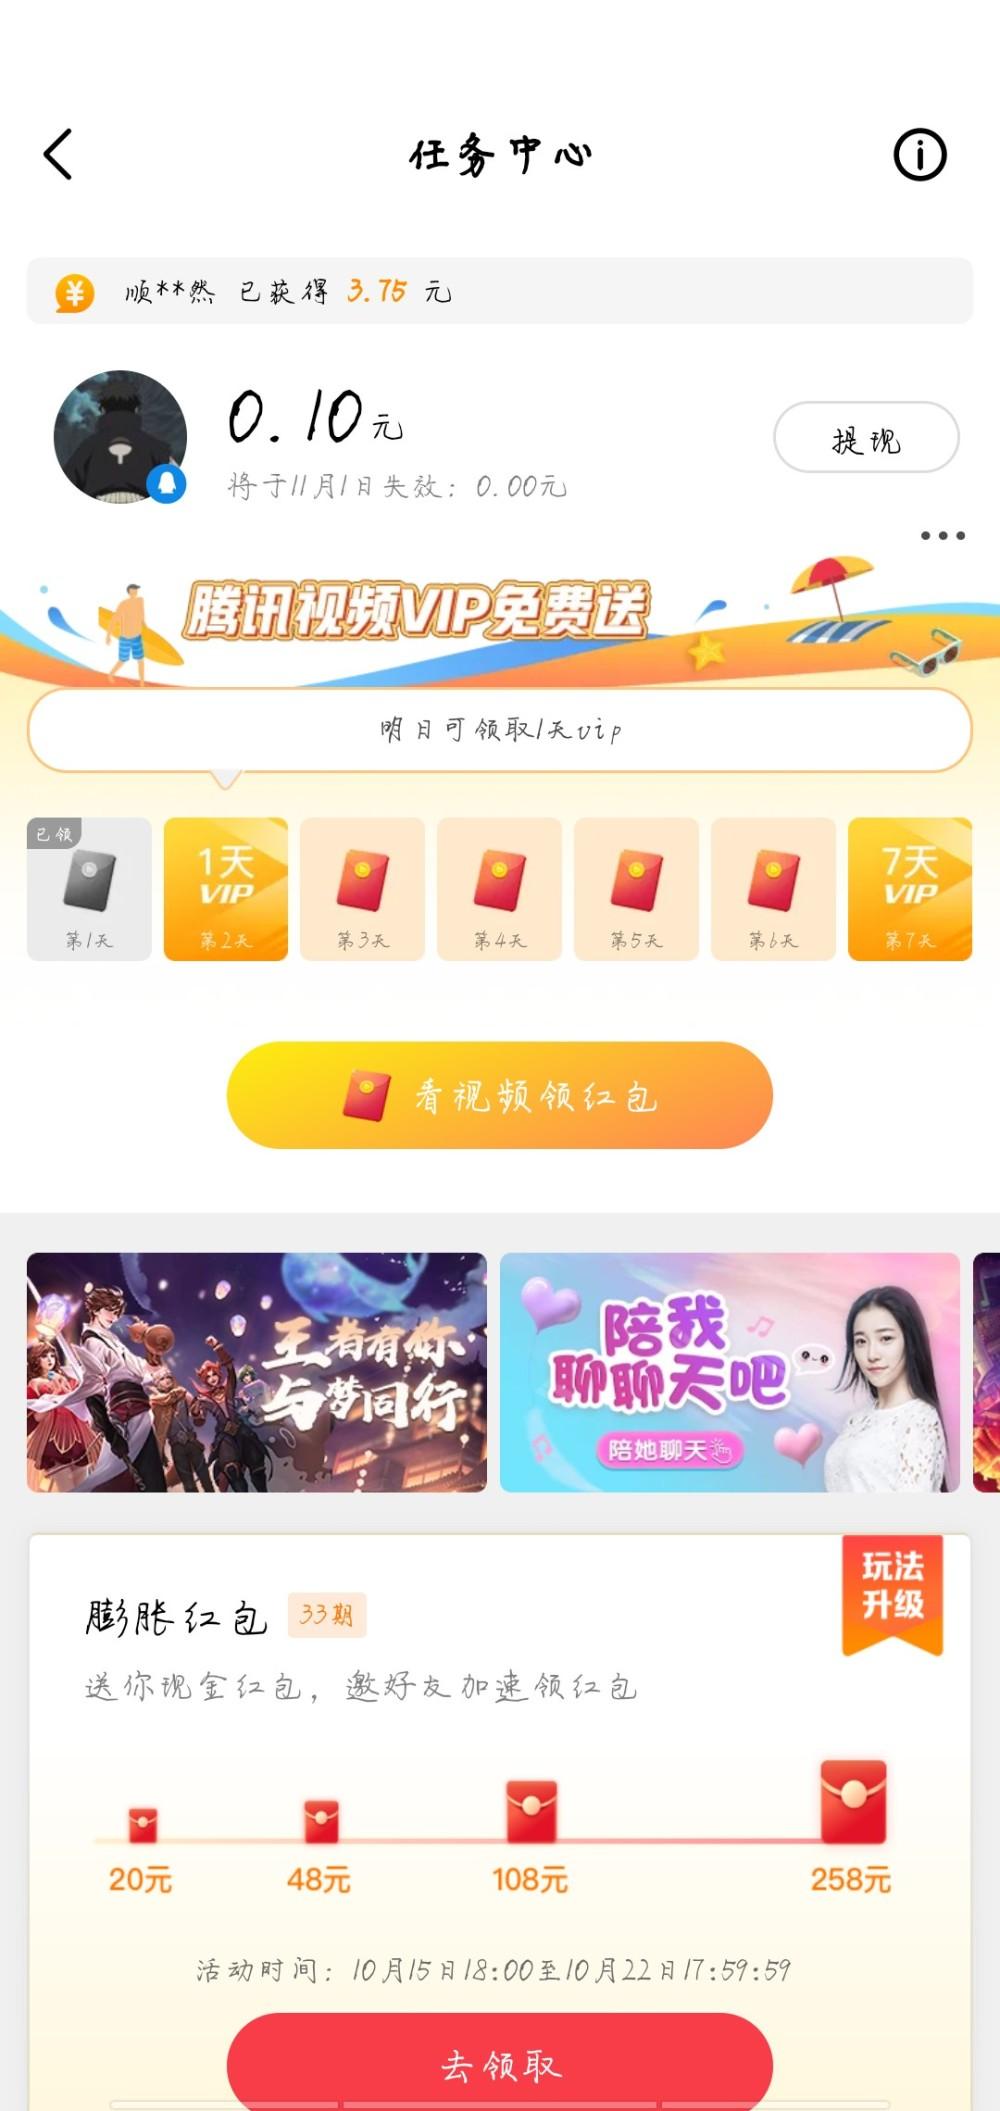 图片[2]-微视app签到七天领8天腾讯会员-飞享资源网